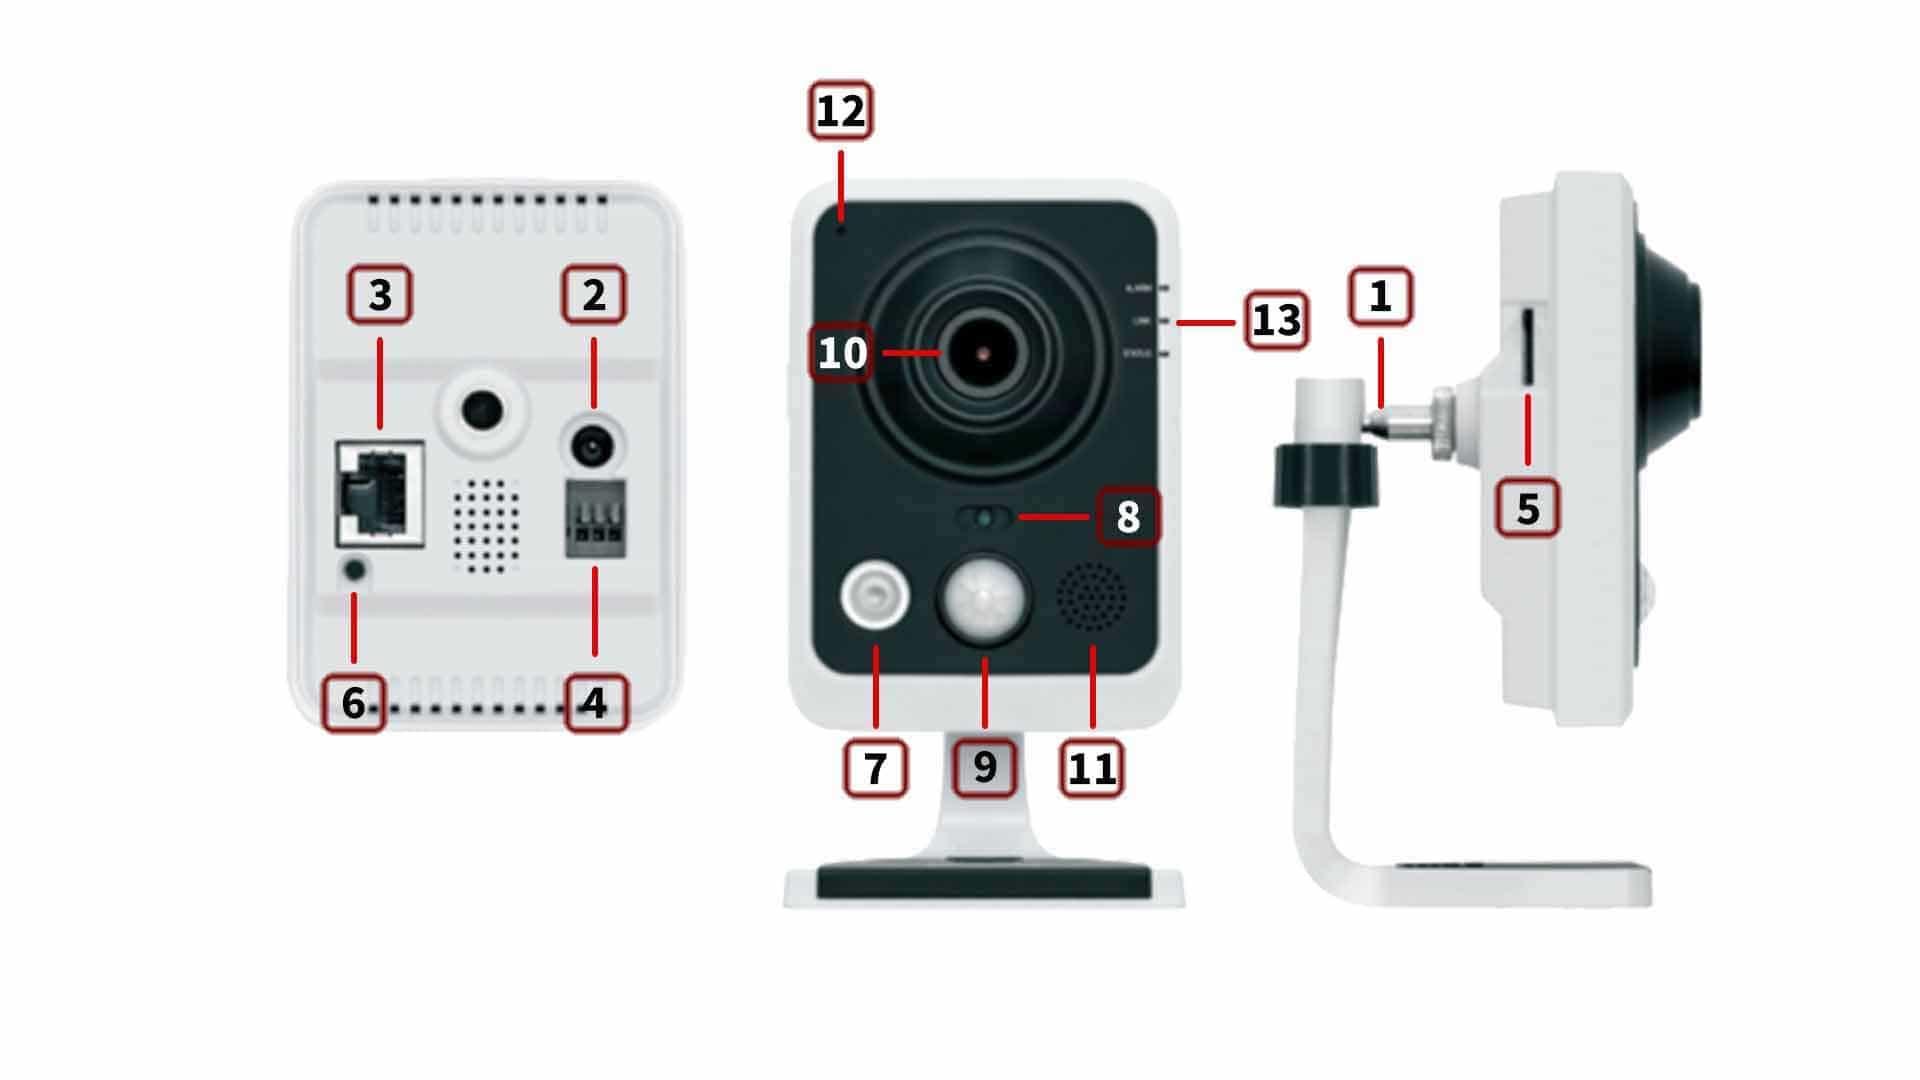 Apix Compact M2 WiFi - внешний вид и индикаторы